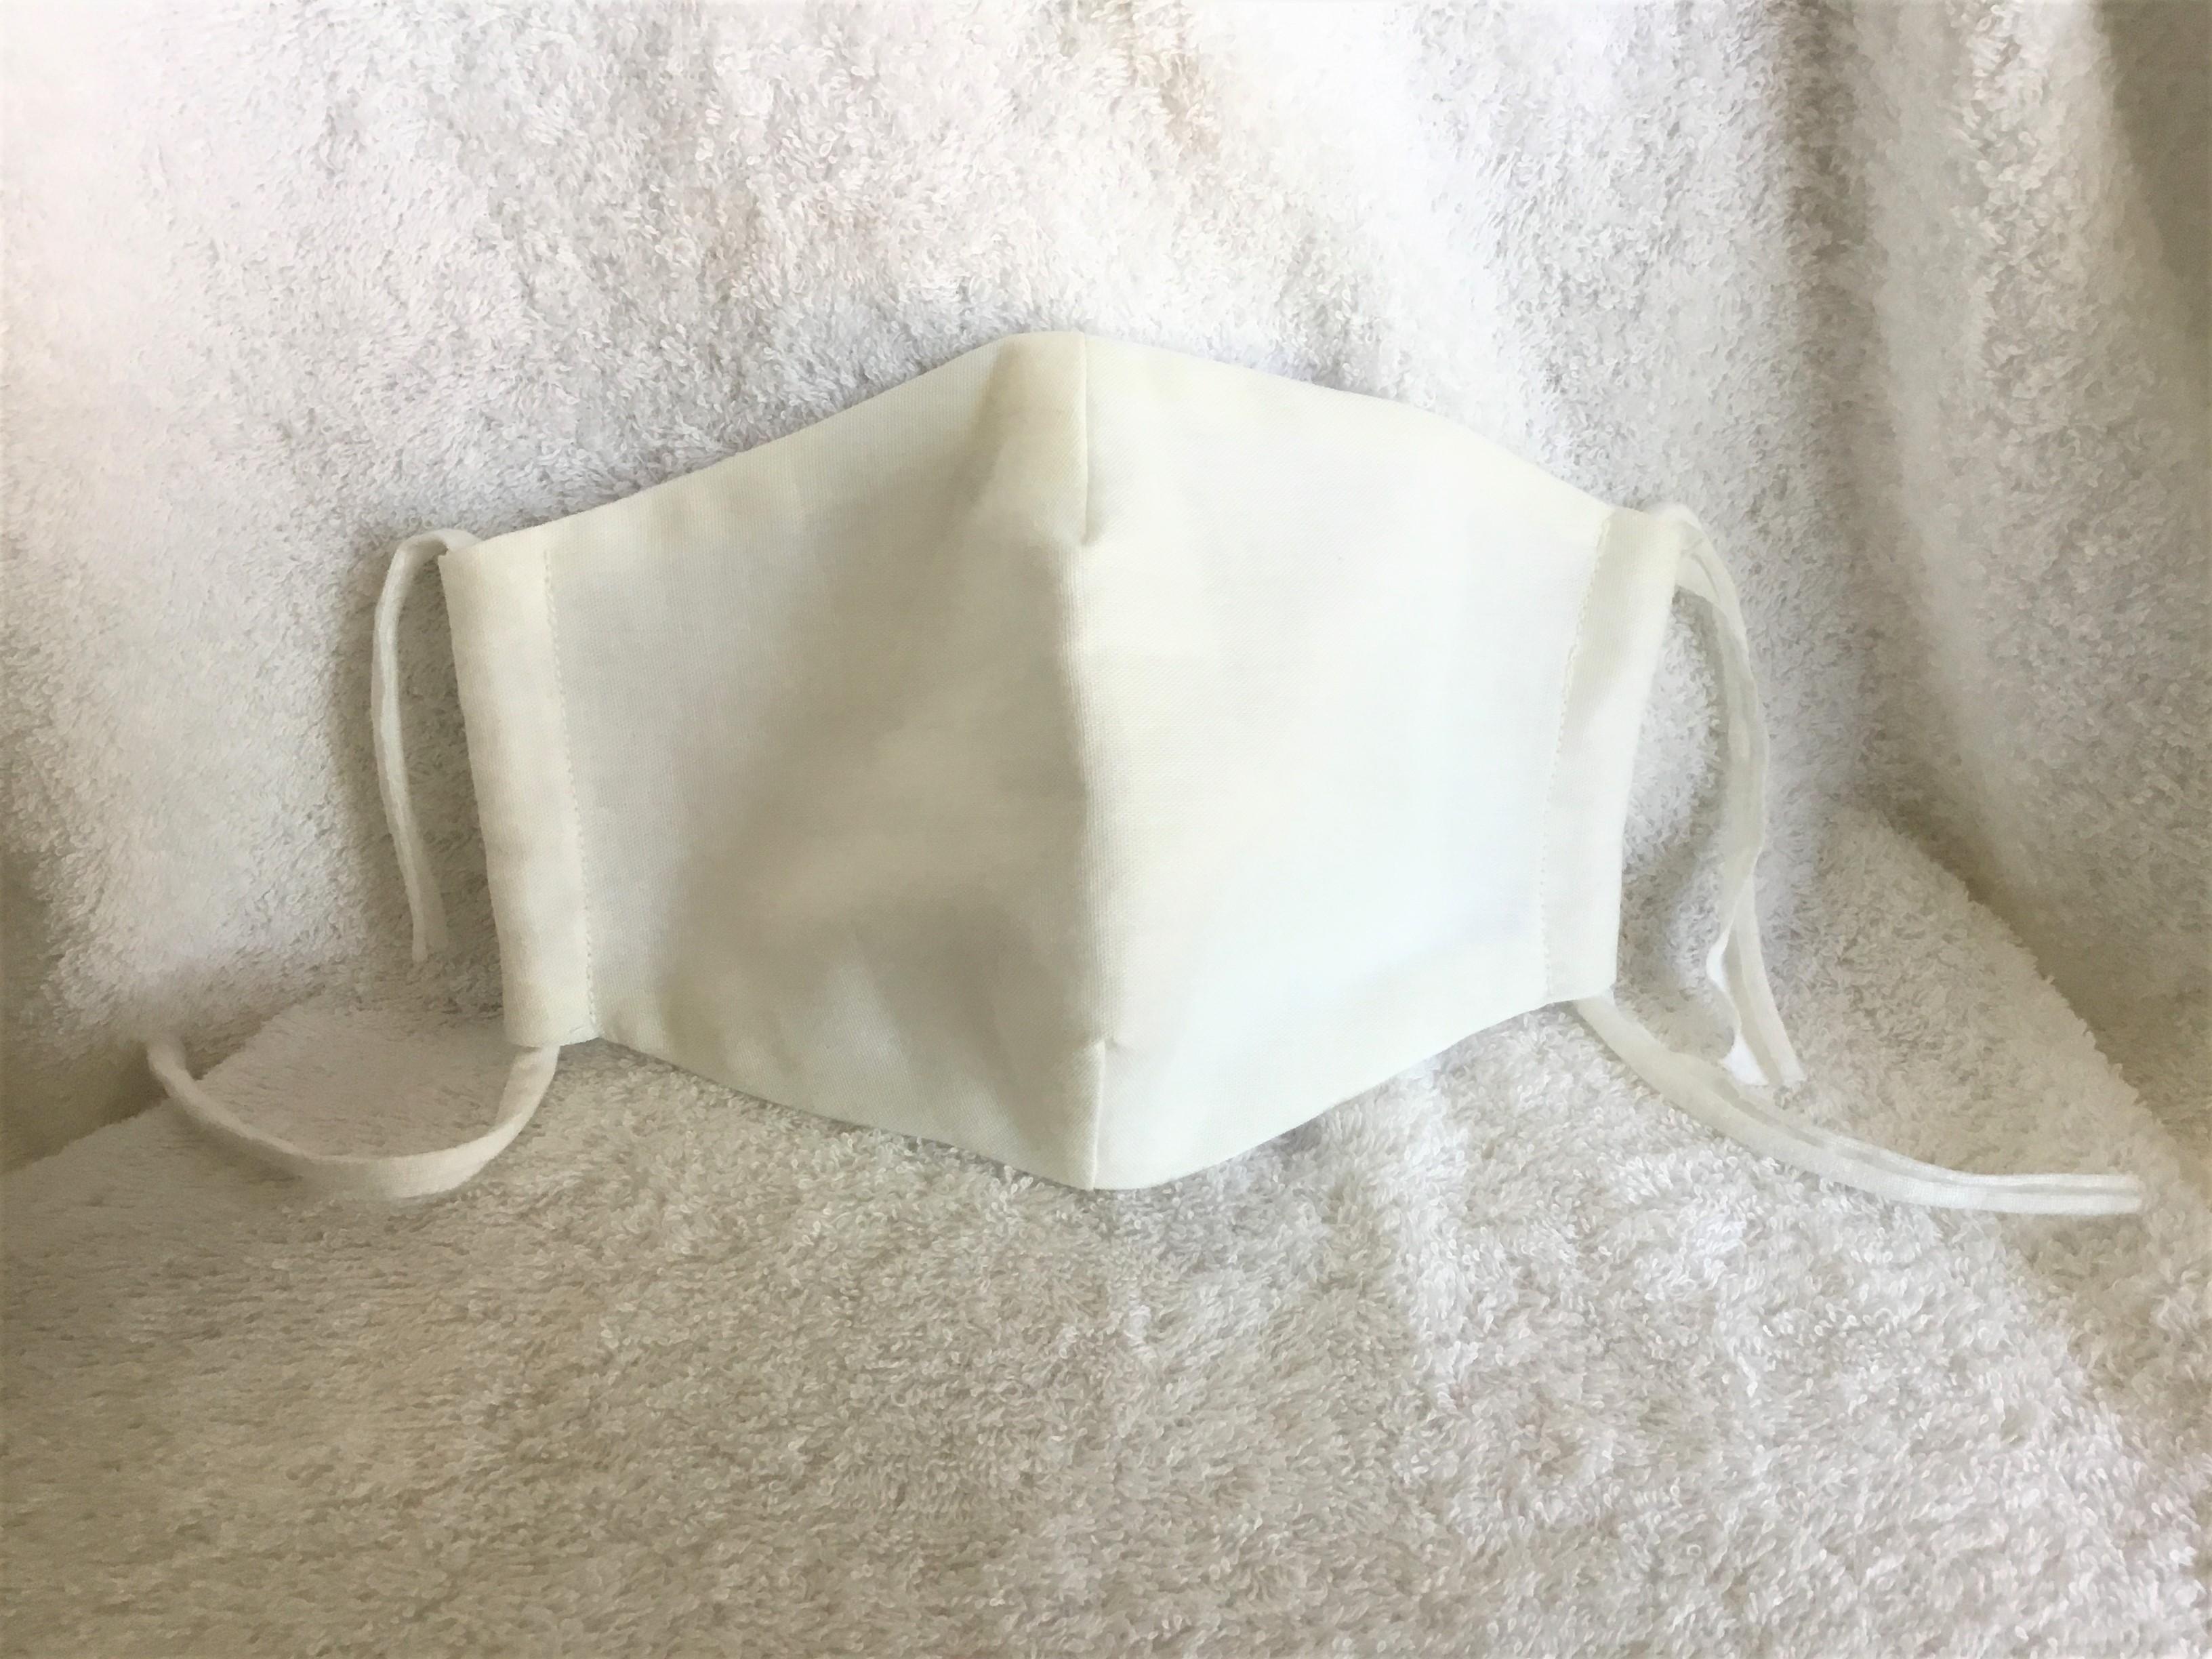 上下 布 マスク 手作りマスク(立体・プリーツ)の上下と表裏の見分け方は?付け方も解説!